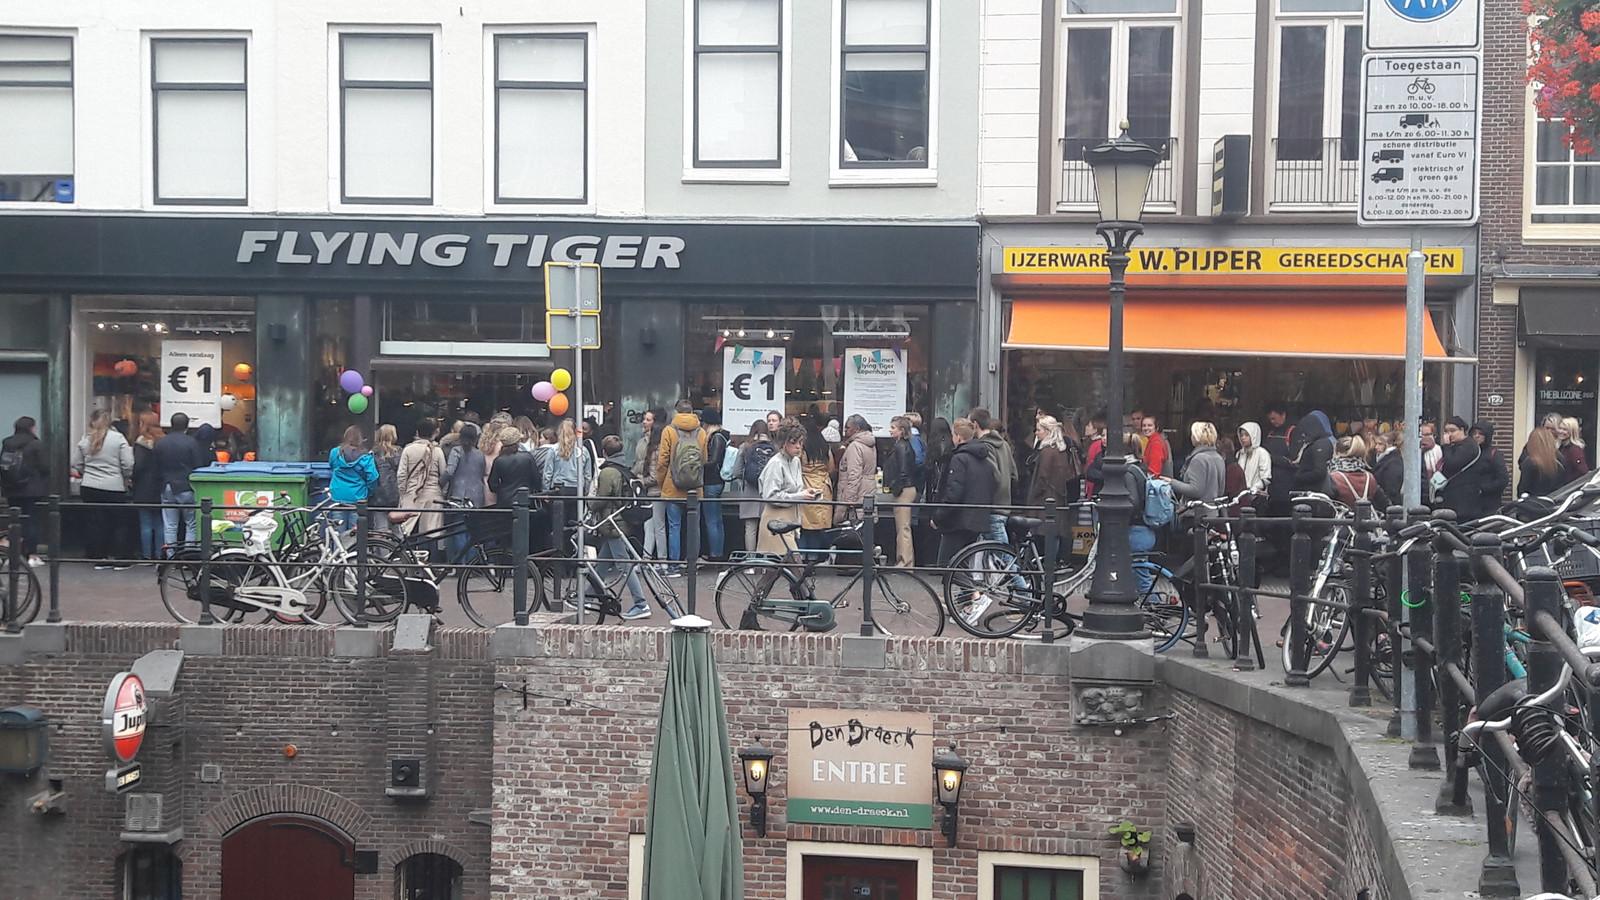 Gigantische Rij Op Oudegracht Vanwege Euro Actie Flying Tiger Foto